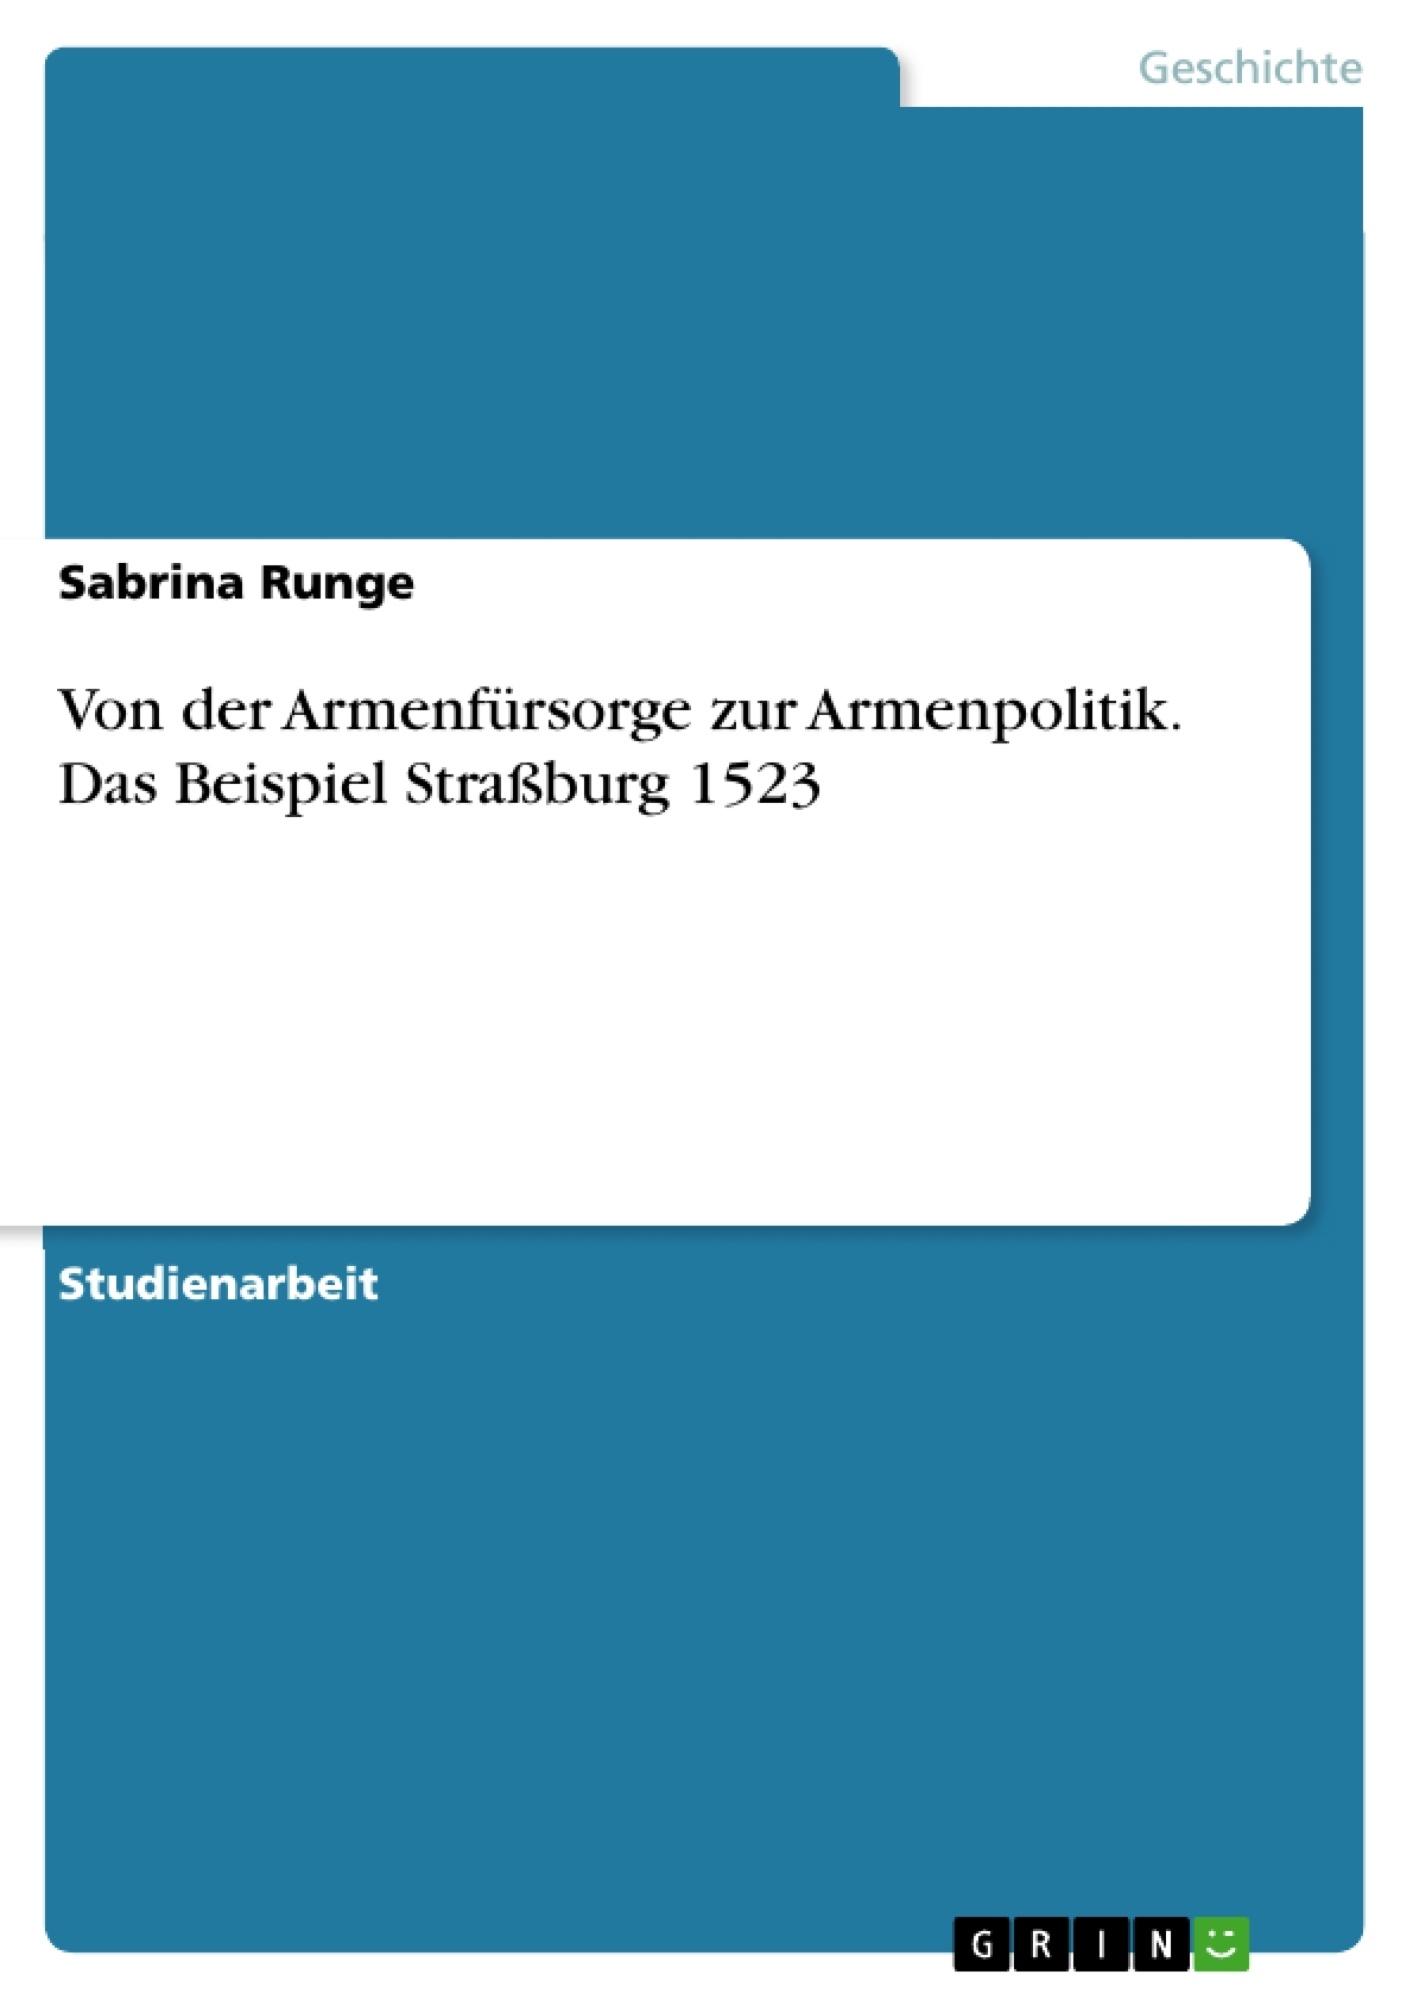 Titel: Von der Armenfürsorge zur Armenpolitik. Das Beispiel Straßburg 1523